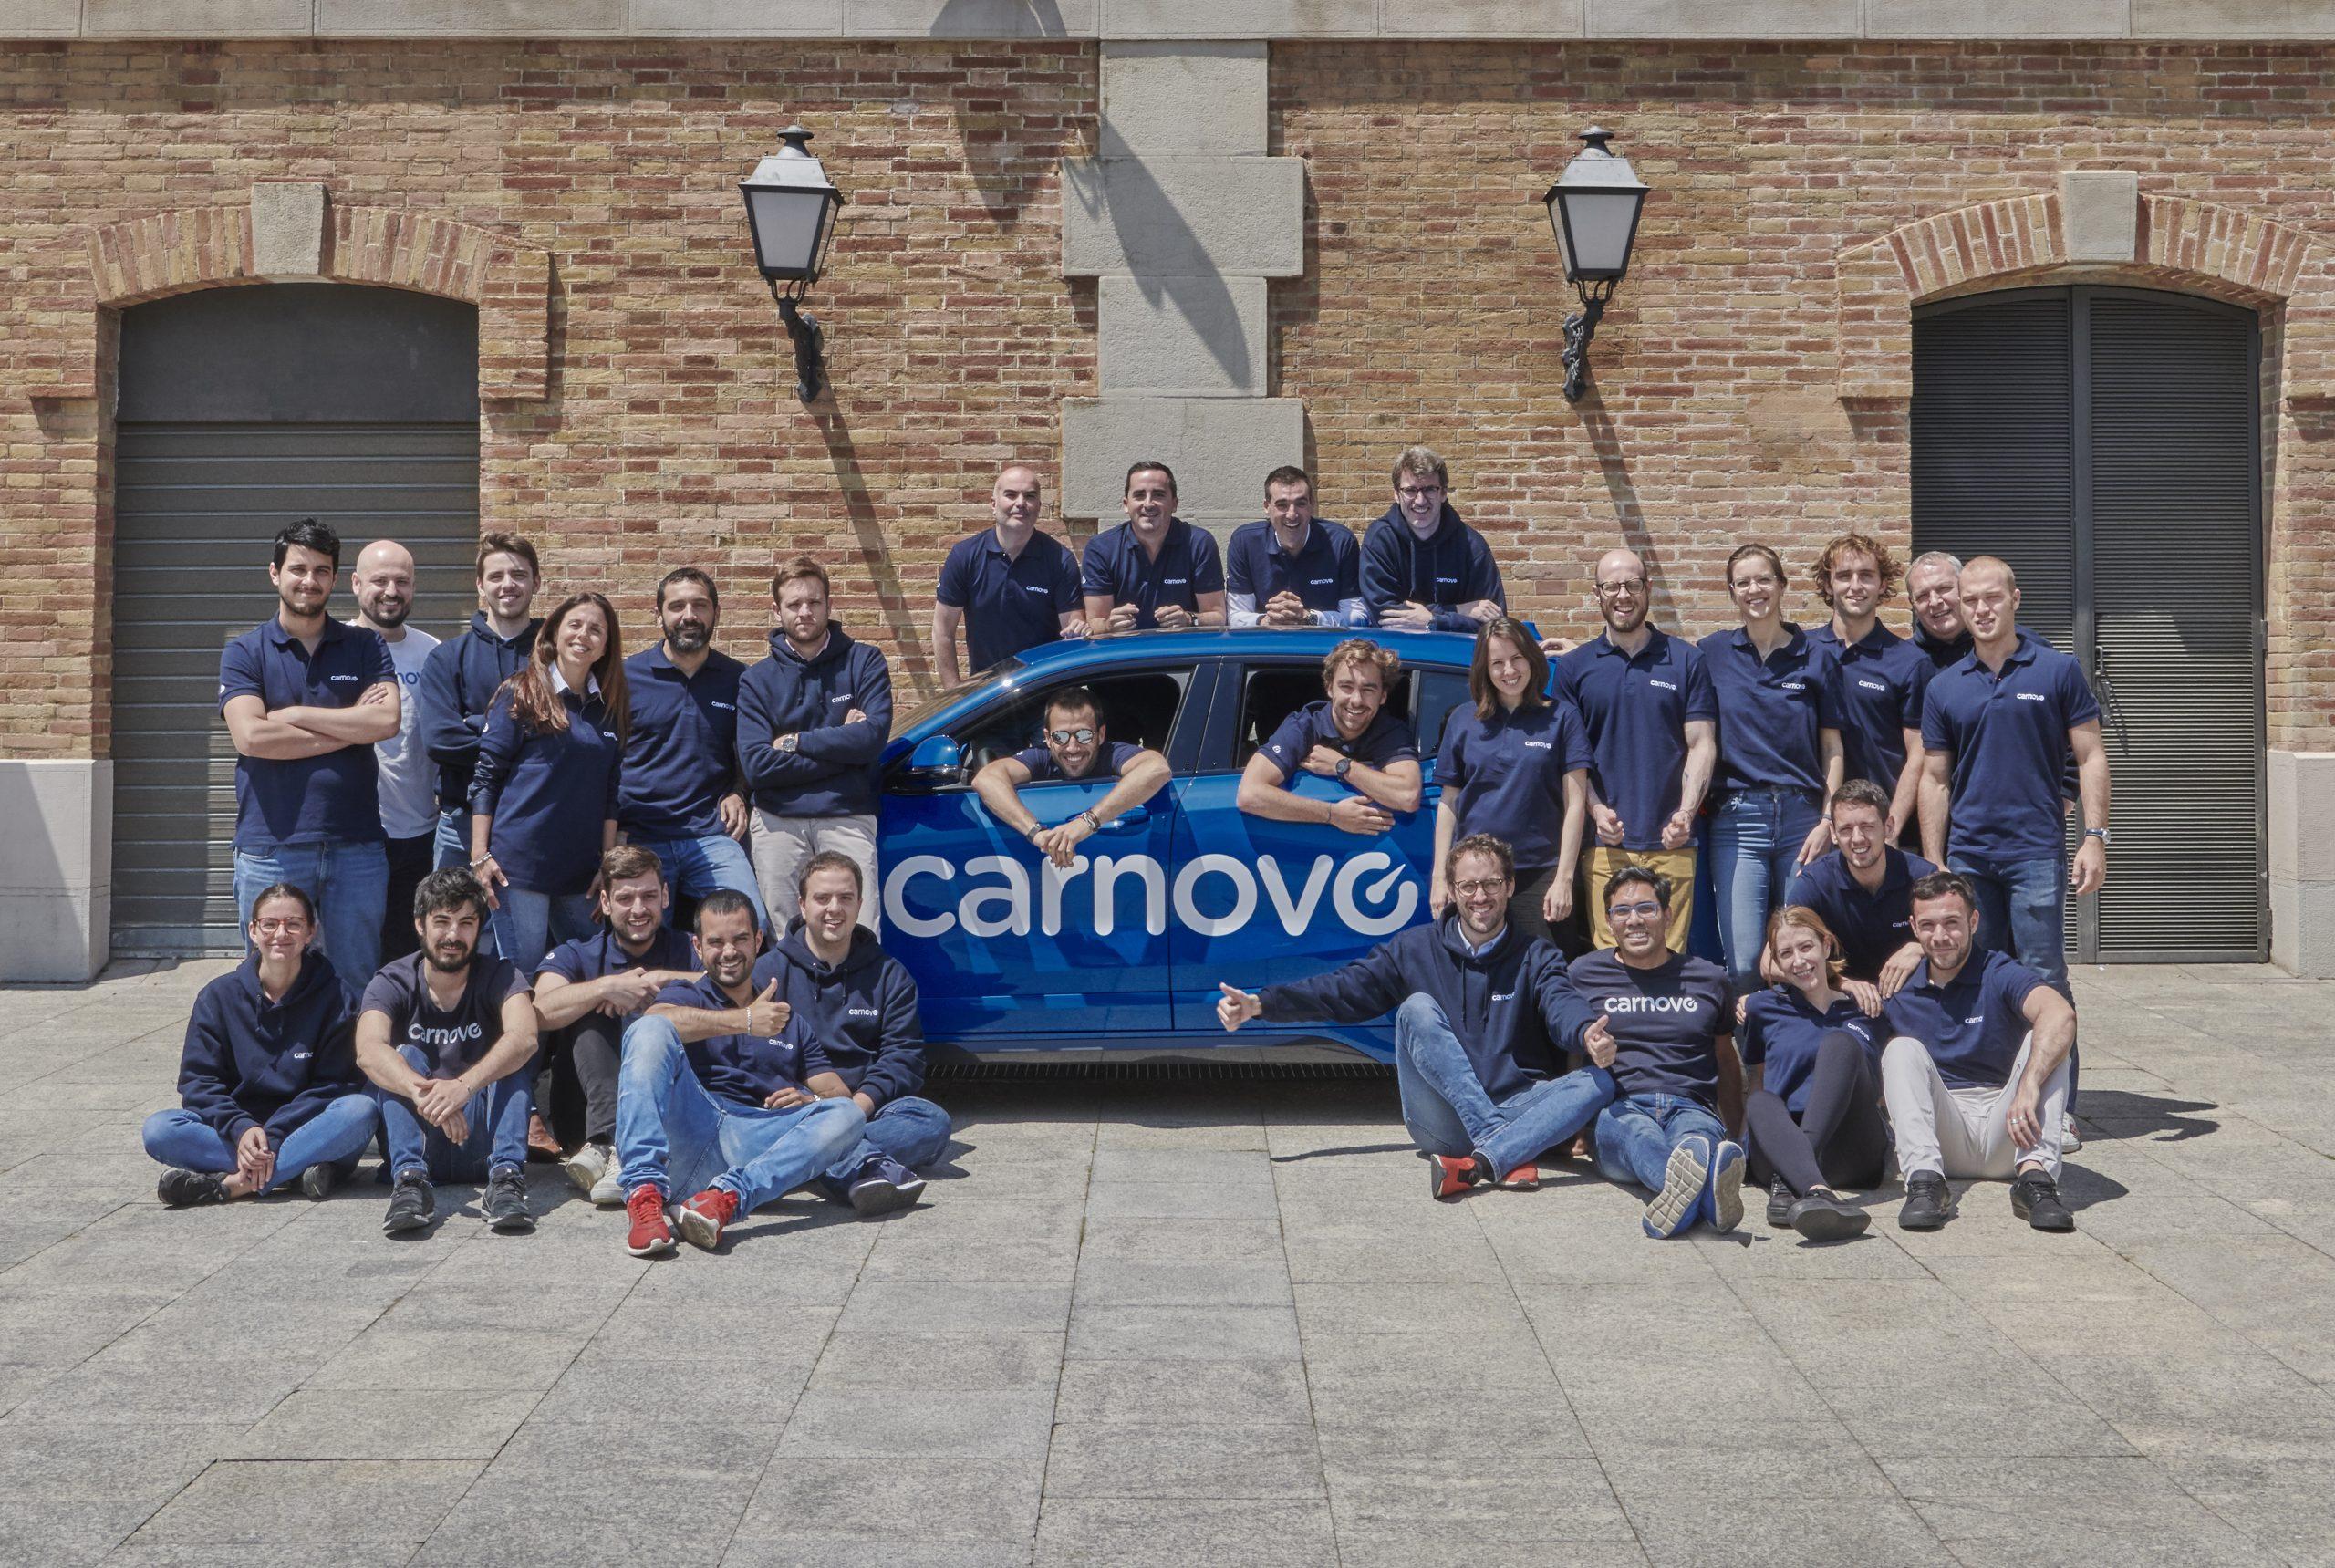 El comparador de ofertas de coches nuevos Carnovo, start-up con sede en Barcelona, ha cerrado una nueva ronda de financiación de 6,5 millones de euros.